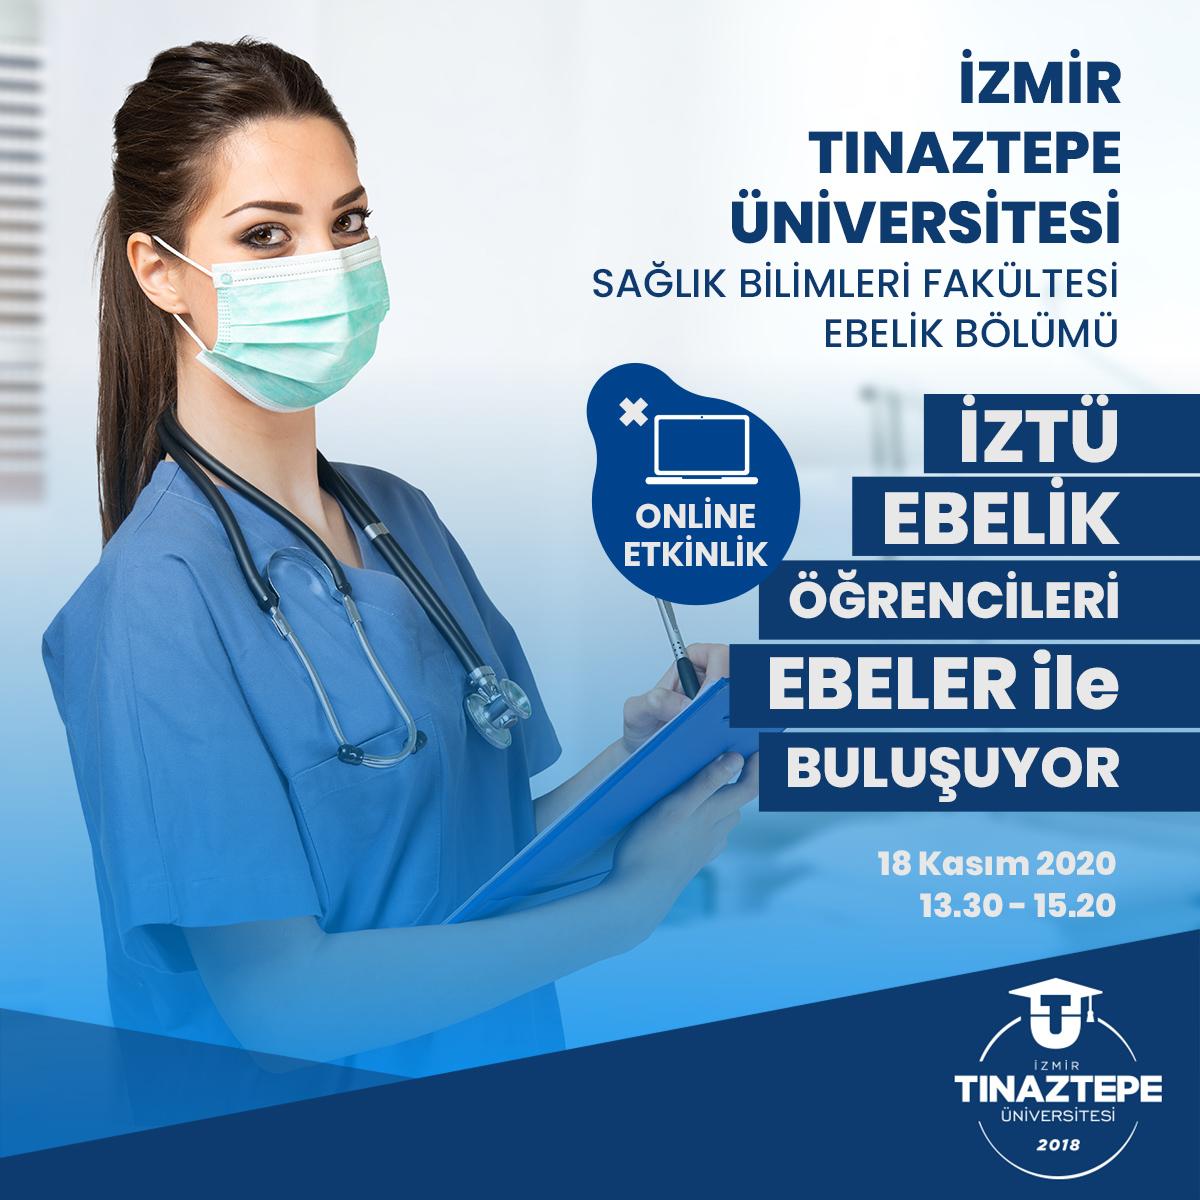 >İZTÜ Sağlık Bilimleri Fakültesi Ebelik Bölümü Online Etkinlik